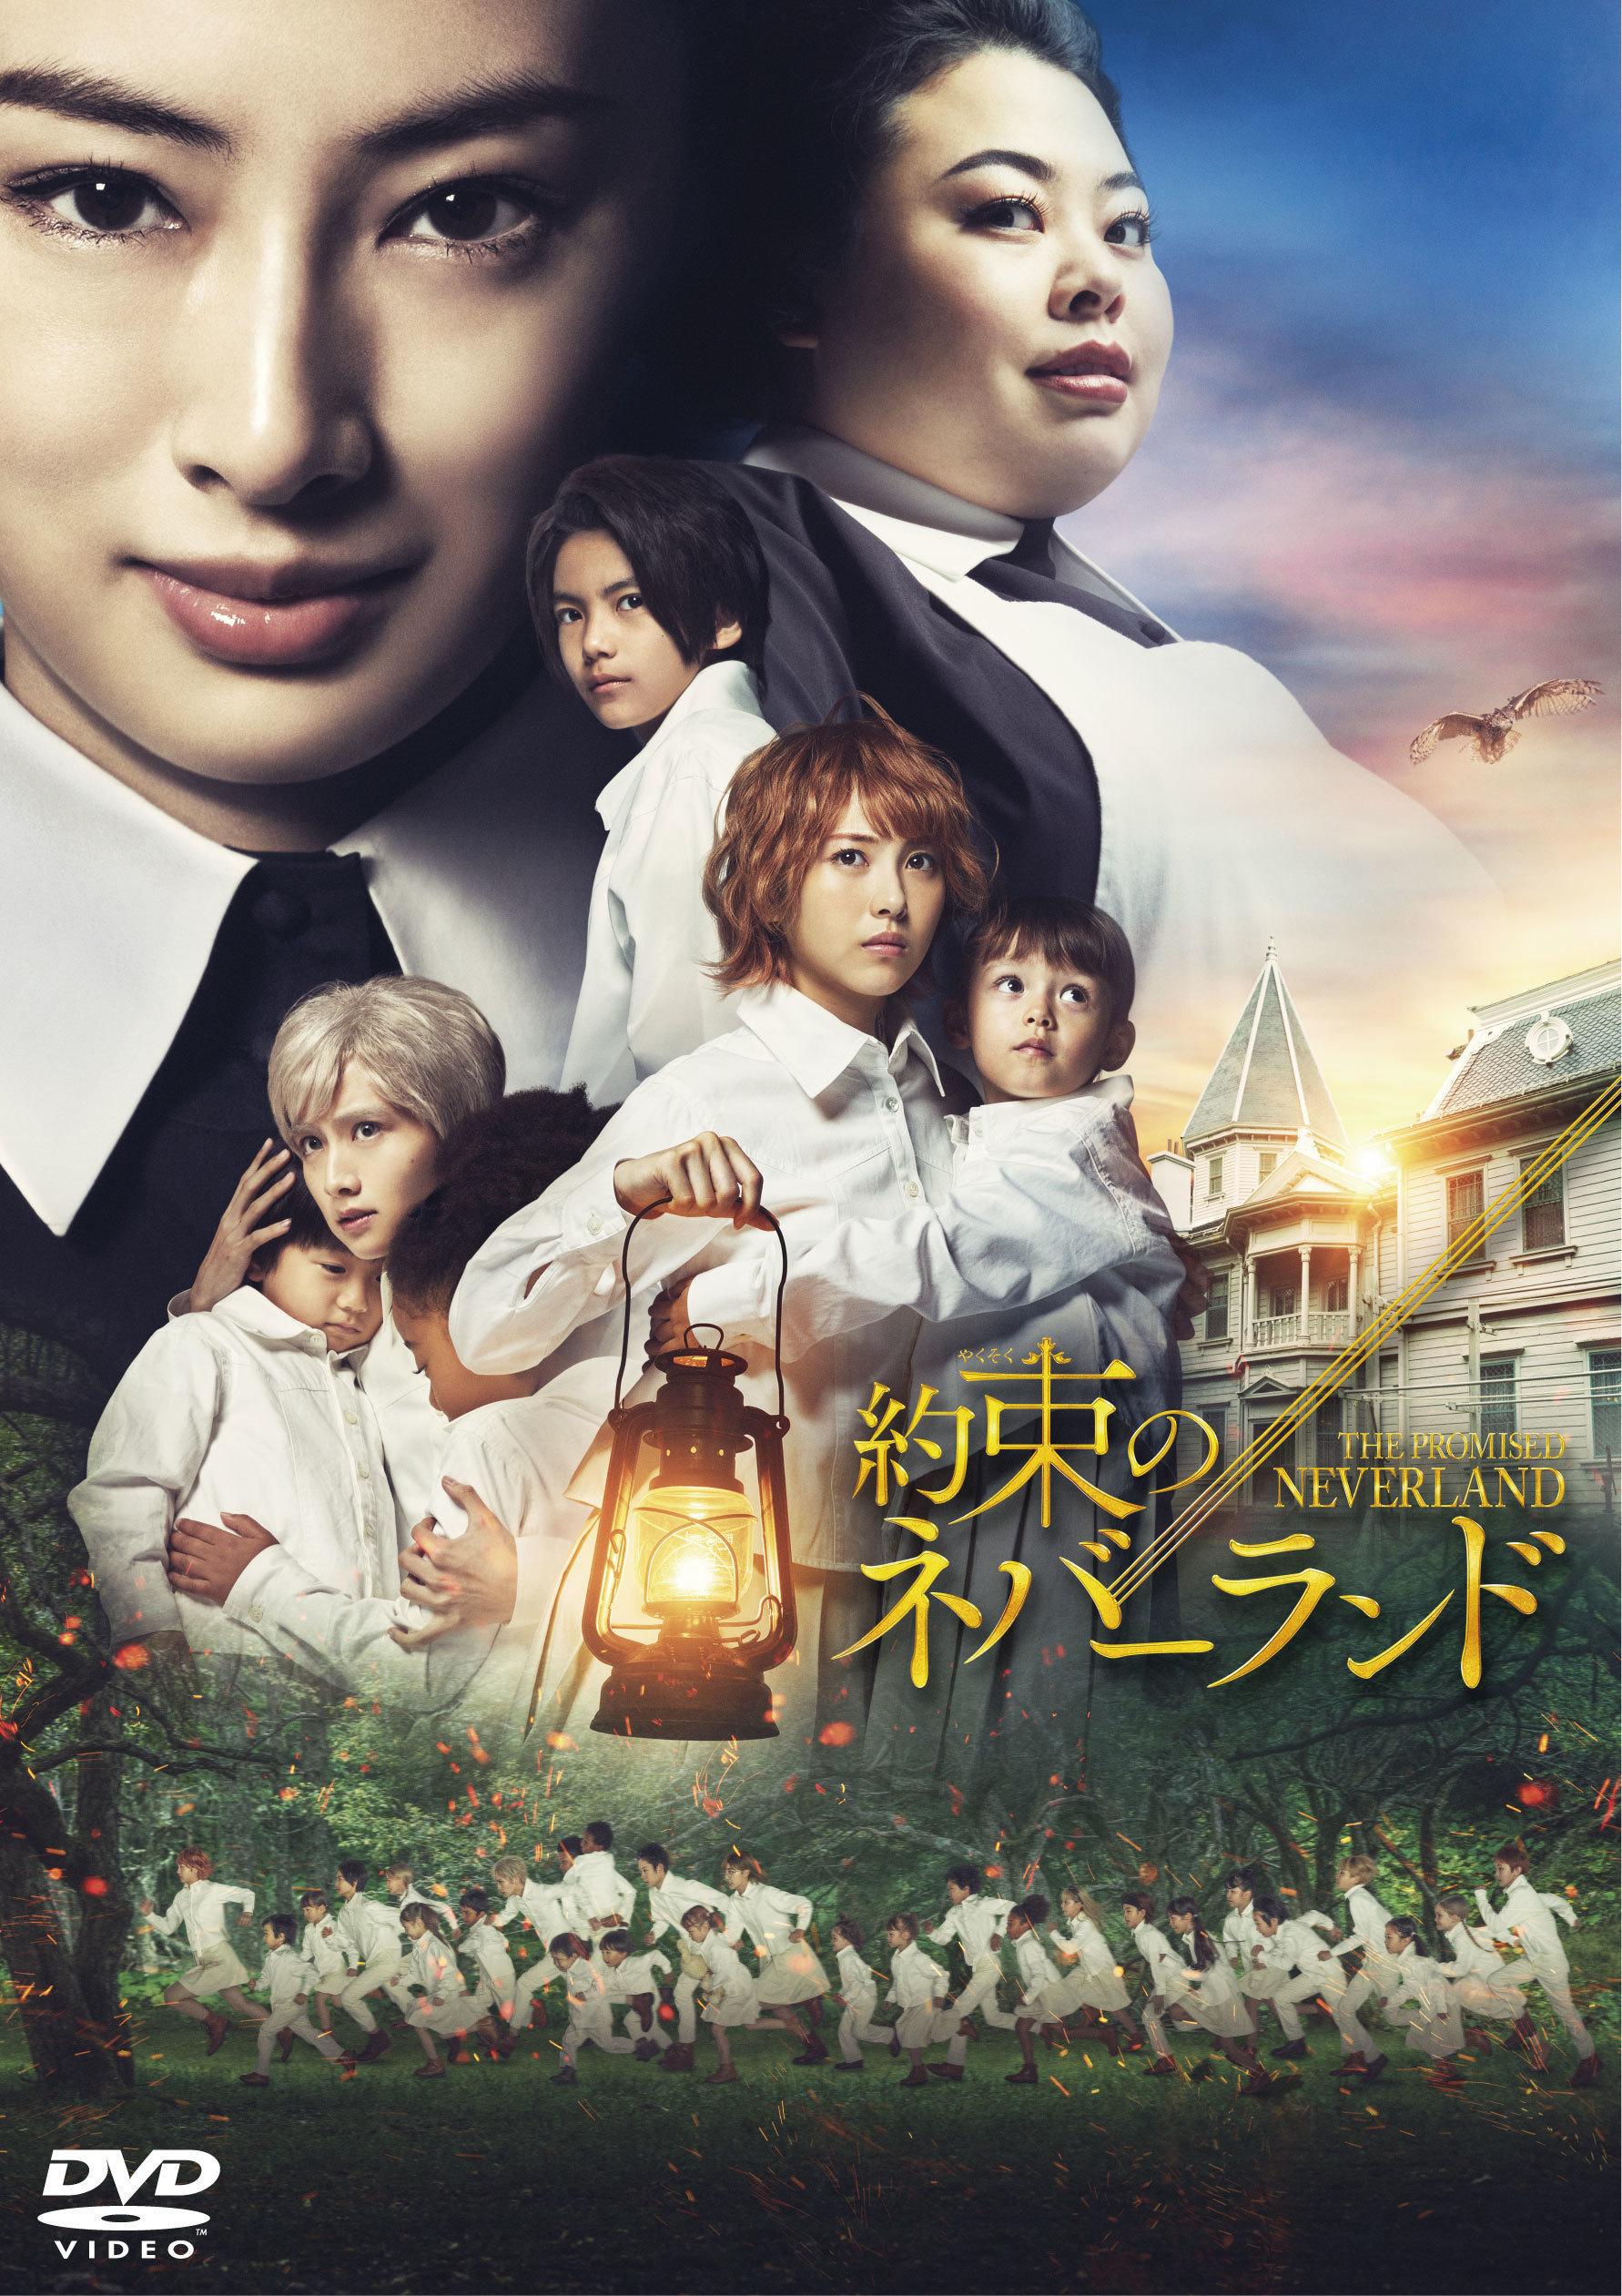 「約束のネバーランド」 DVD スペシャル・エディション